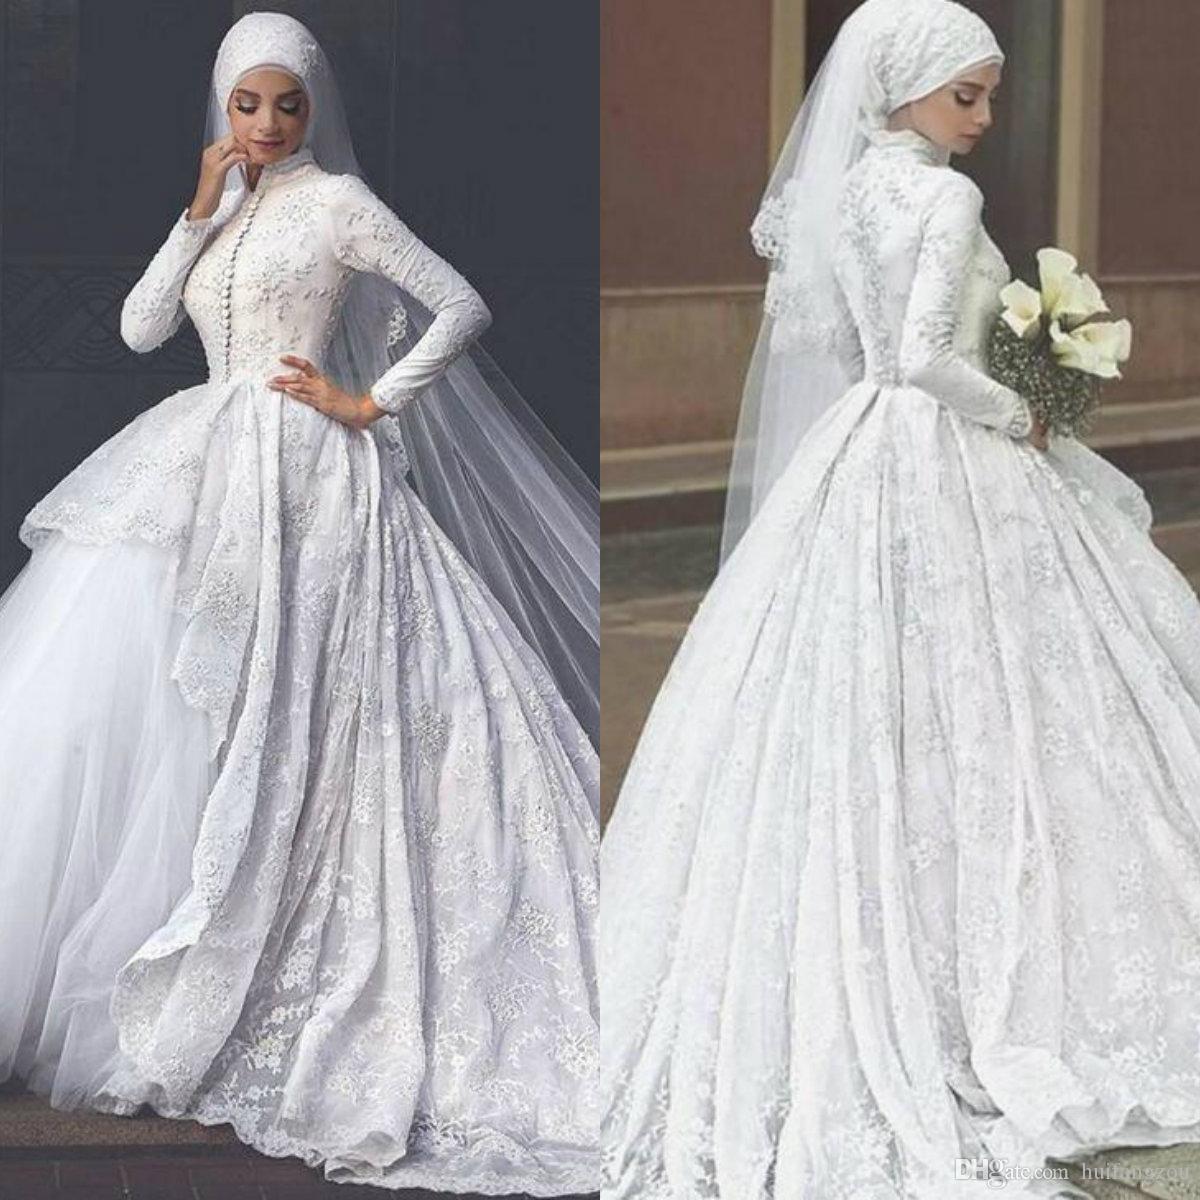 Brautkleid Mit Kragen | Grosshandel 2019 Modest Muslim Hochzeitskleid Hoher Kragen Spitze